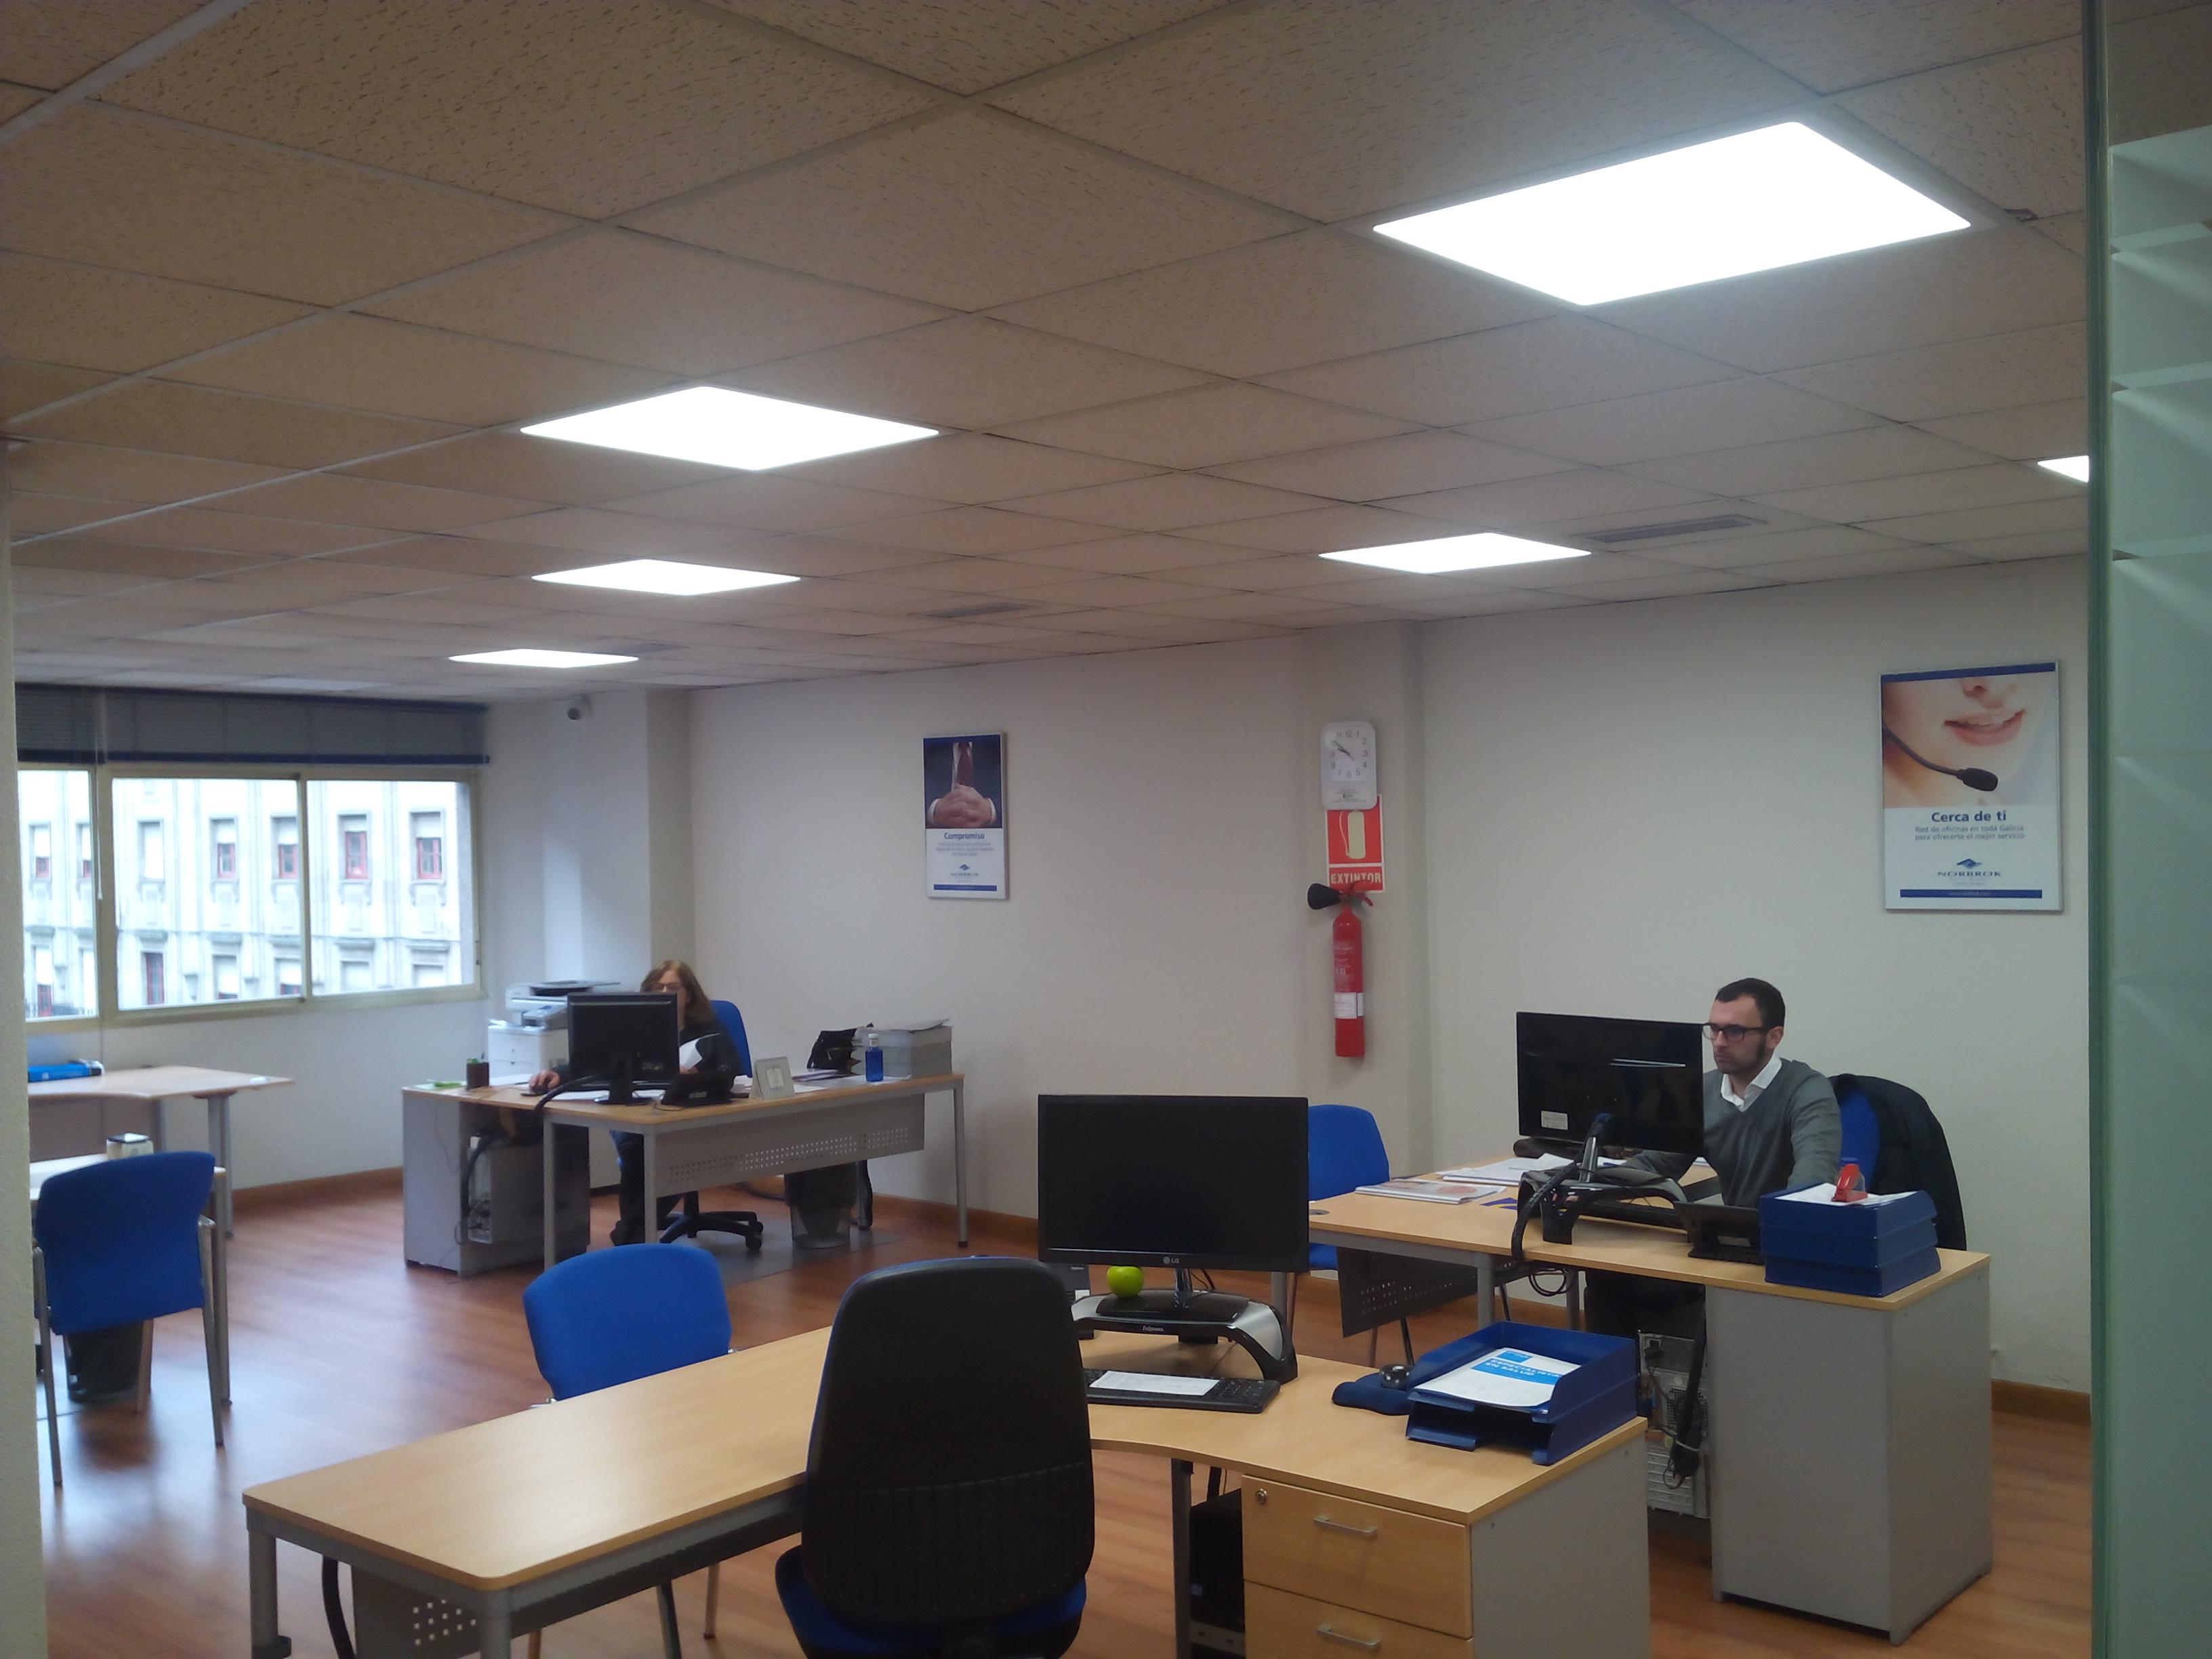 Oficinas NB21